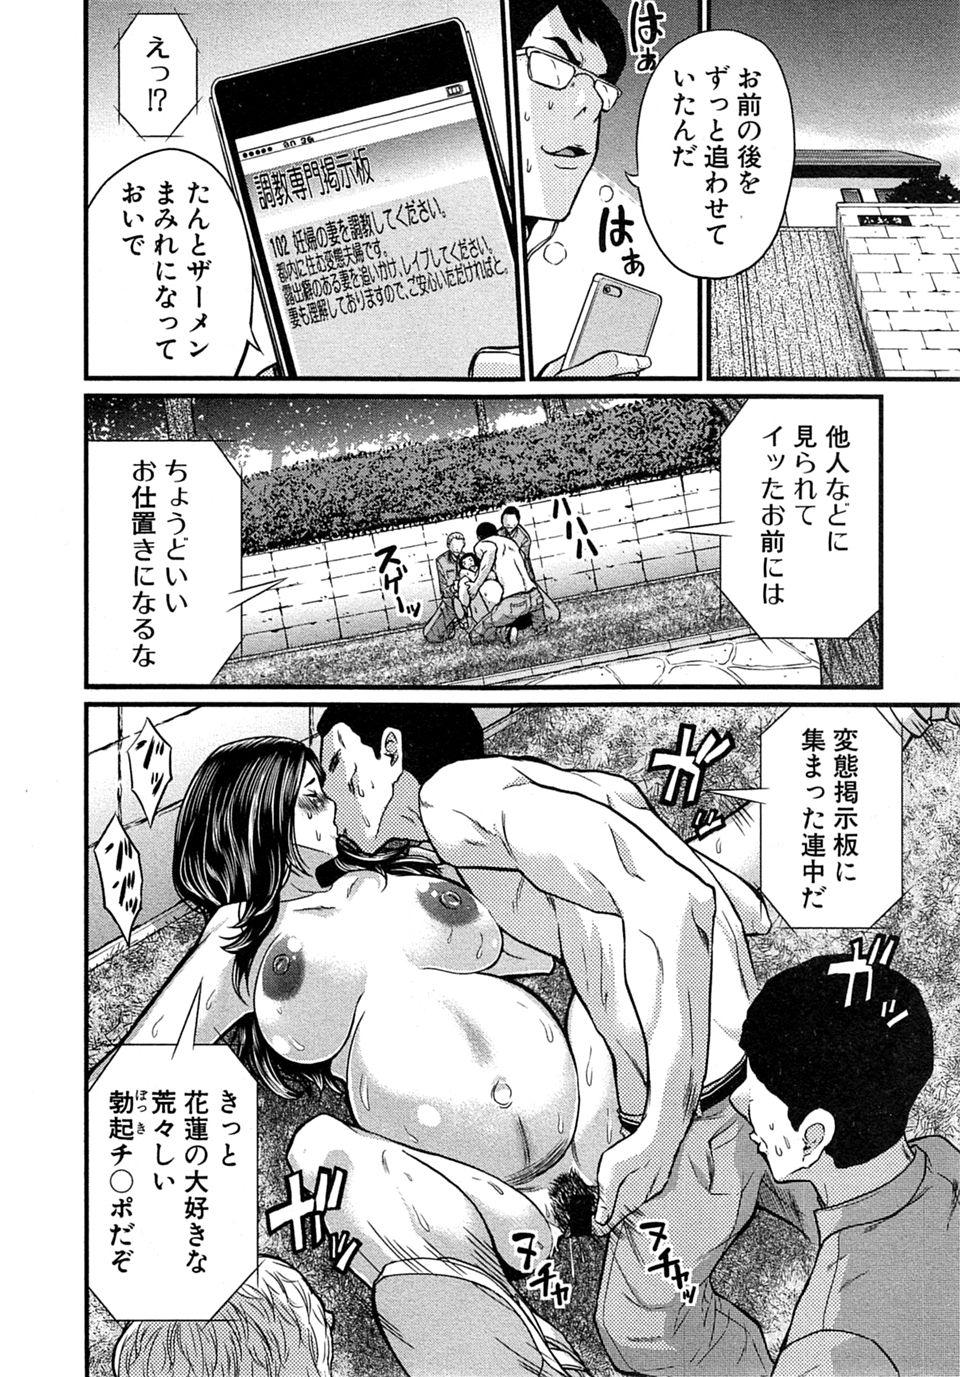 【エロ漫画・エロ同人】巨乳妊婦の妻を調教しまくる旦那www (14)